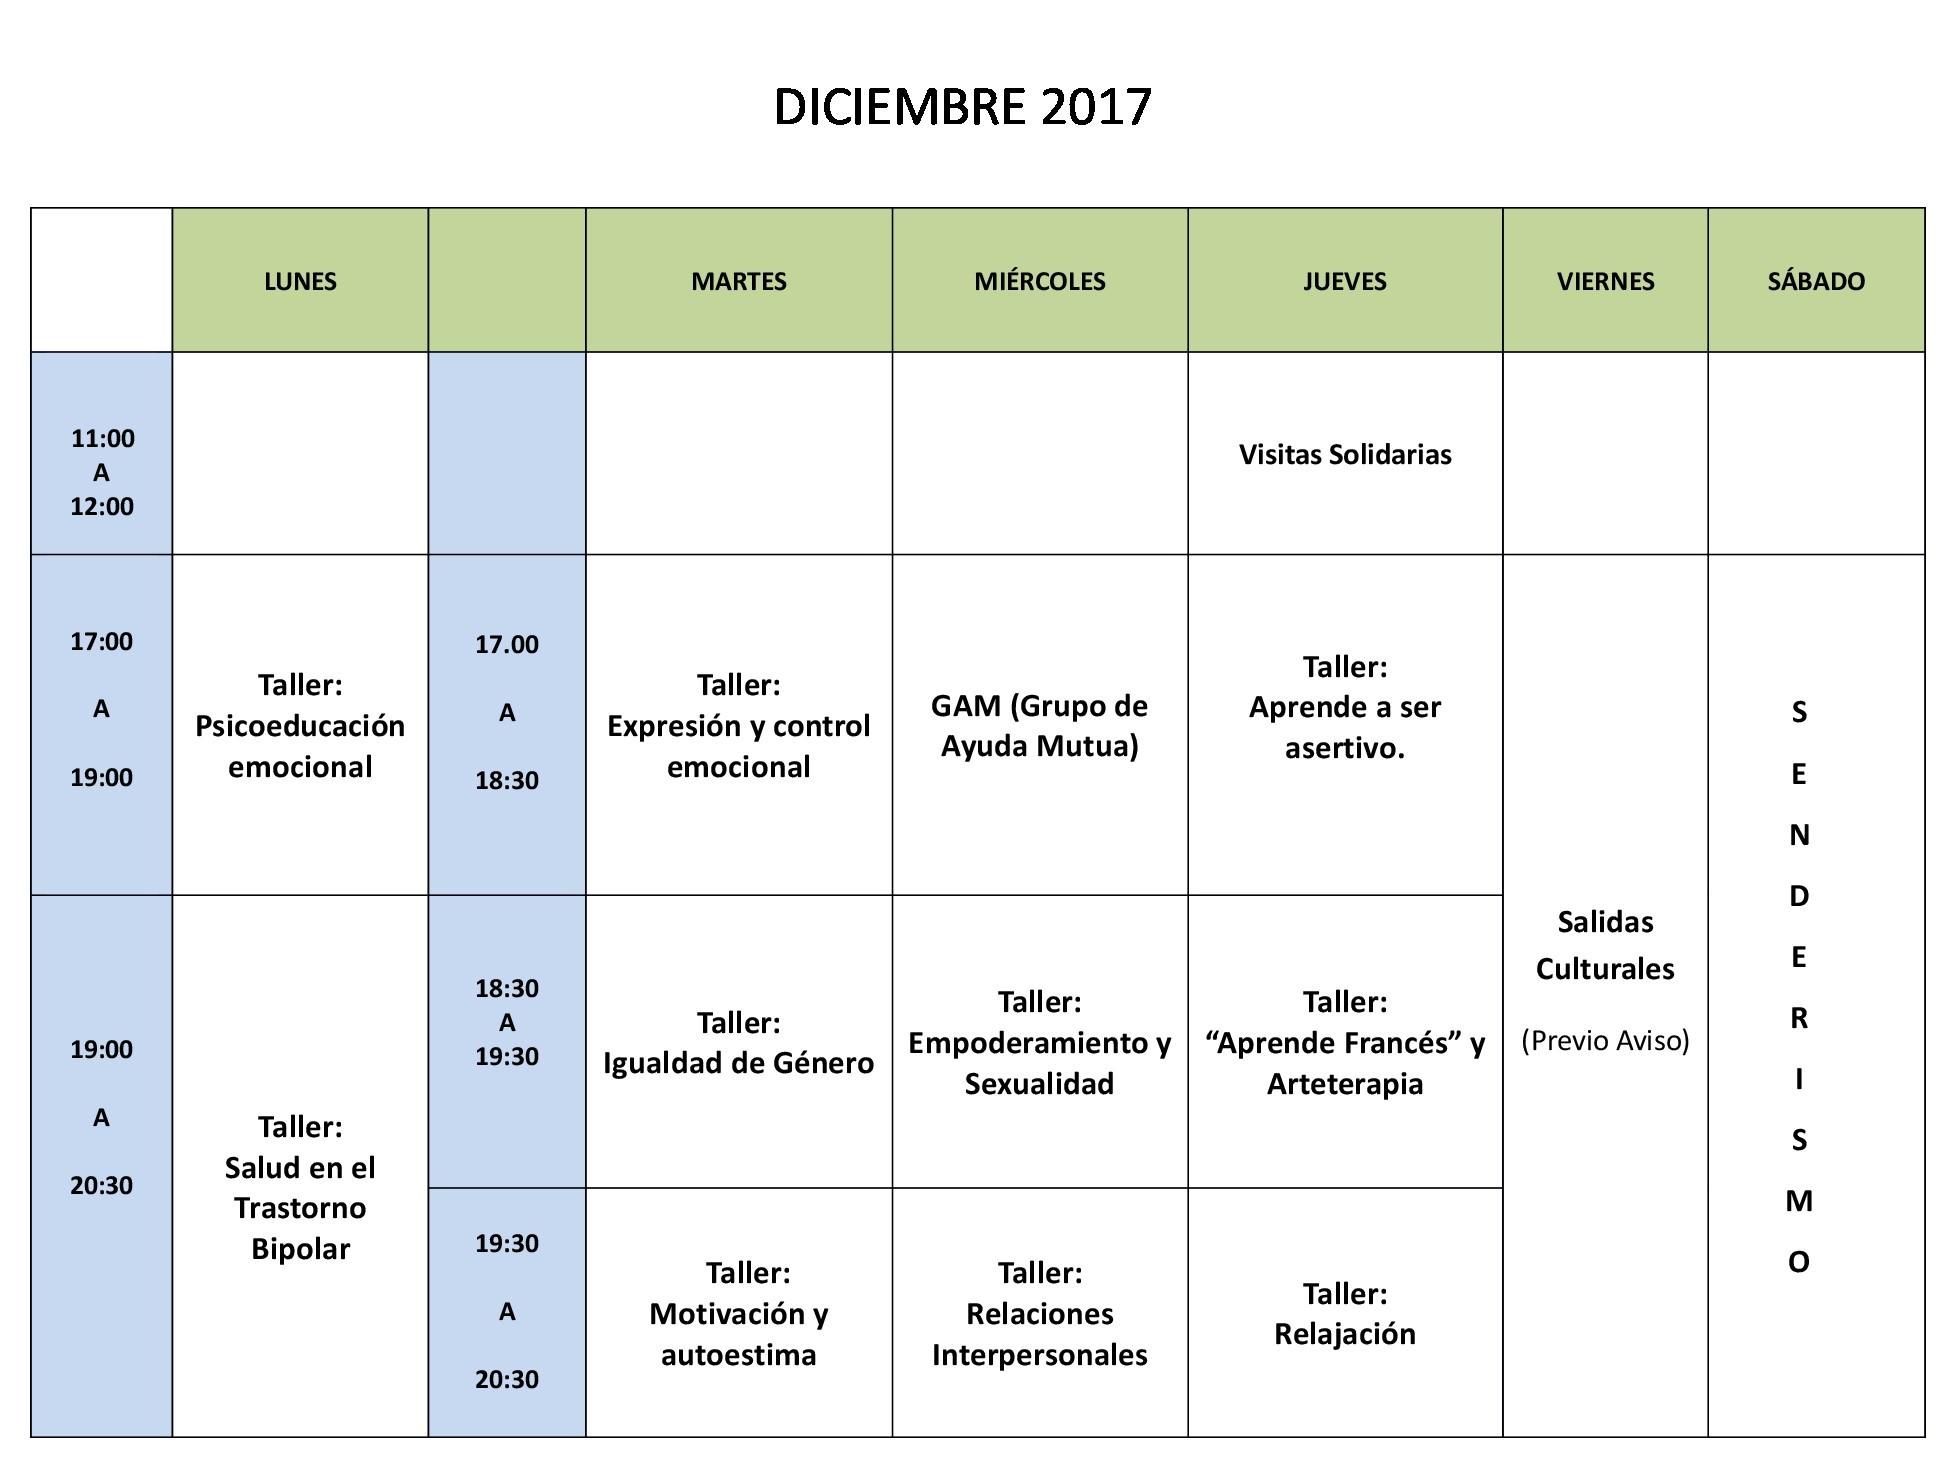 Calendario diciembre sin nombres